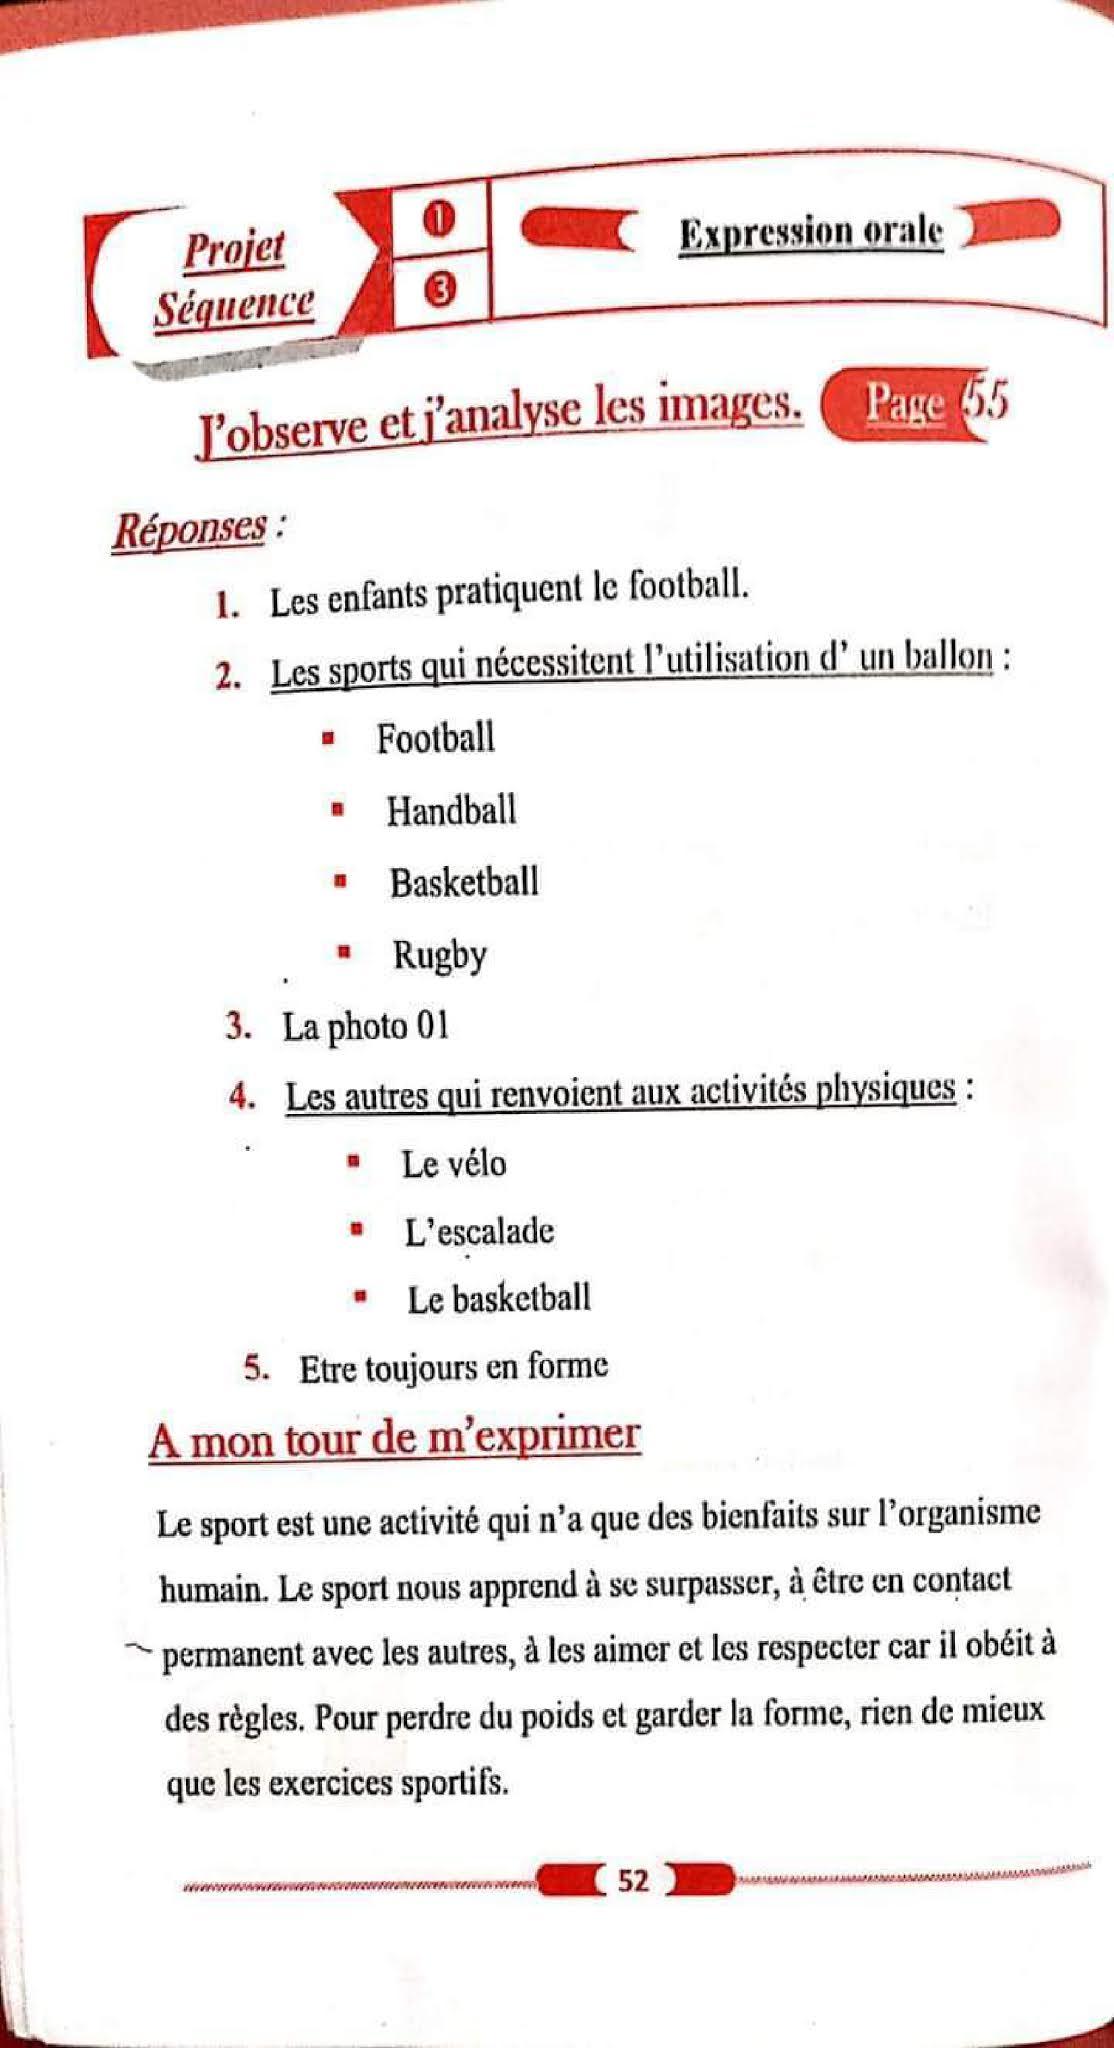 حل تمارين صفحة 55 الفرنسية 1 متوسط الجيل الثاني